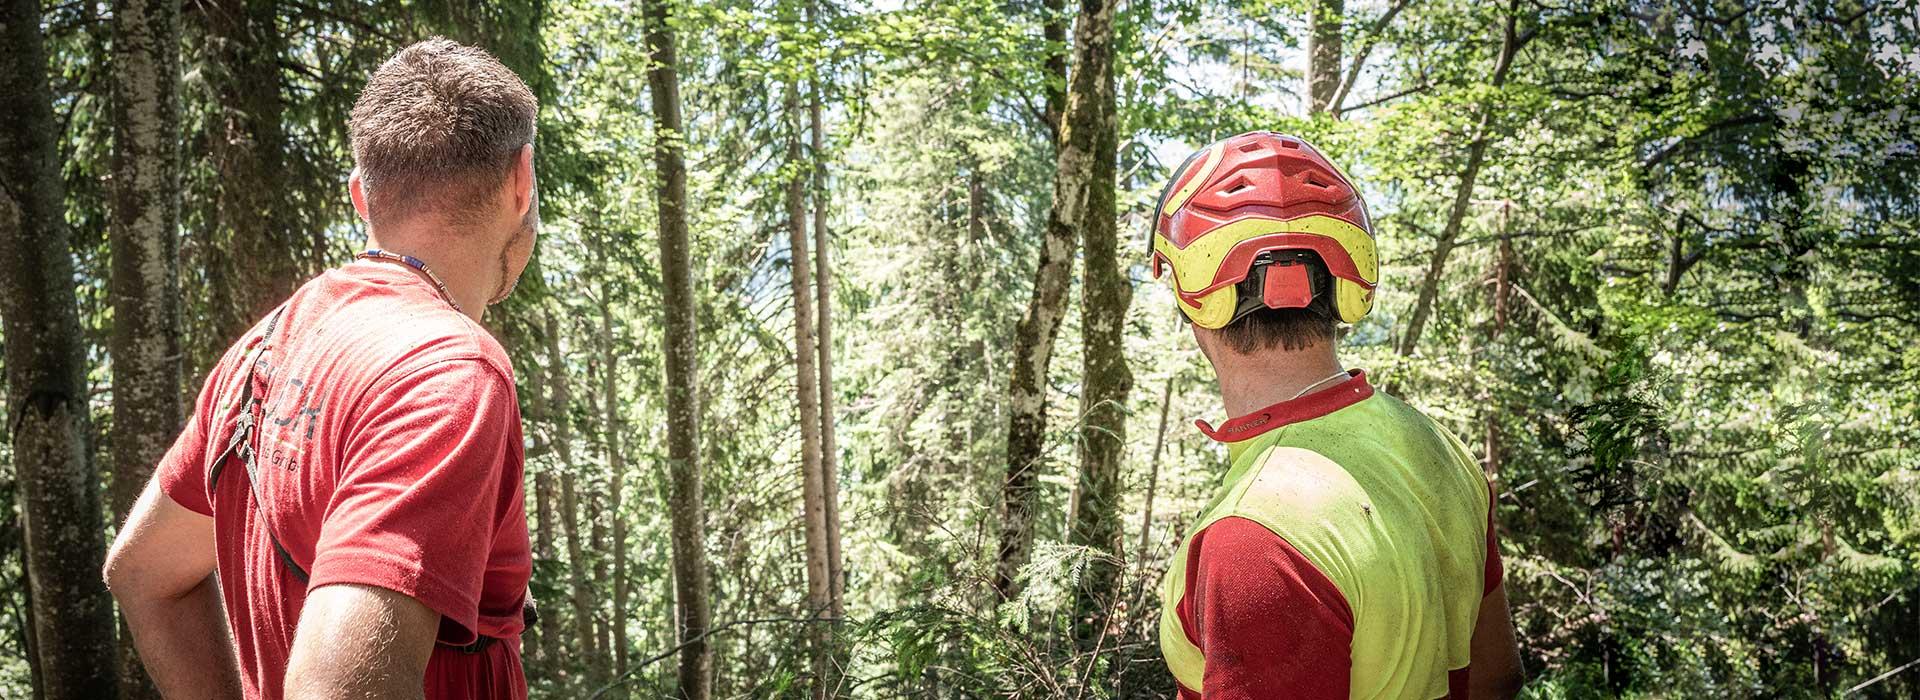 Forstservice HOLZ Glück in Salzburg - Baumschlägerungsunternehmen, Baumfällungen, Rodung, Forstarbeiten, Aufforstung, und Forstpflege - Waldwegebau